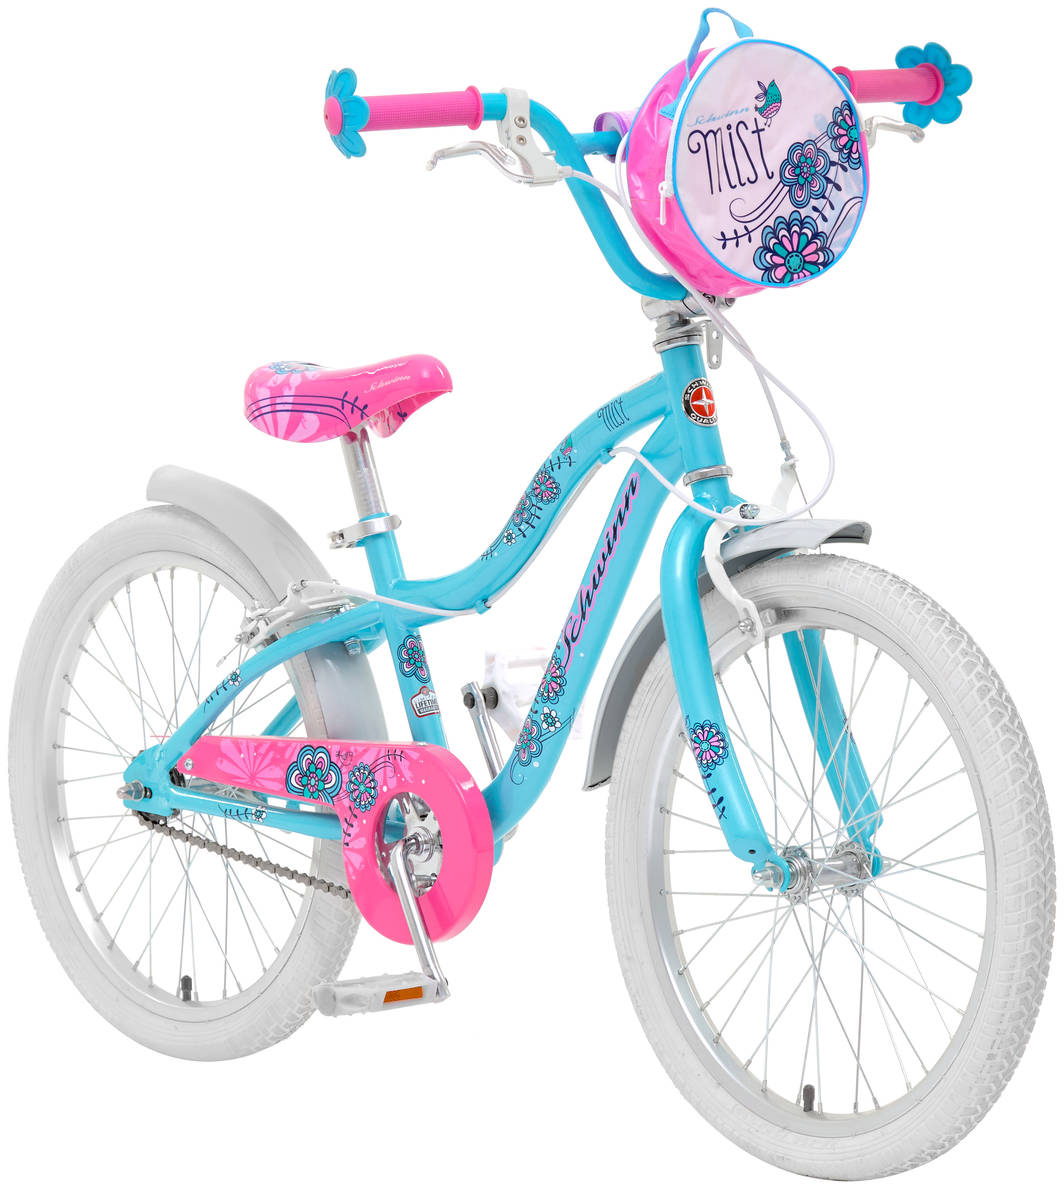 """Schwinn """"Mist"""" - это небесно-голубой цвет, розовое седло и ручки-цветочки, плюс сумочка   для кукол на руле. Все это создано для настоящих маленьких леди, которые уже стремятся   быть модными и женственными. Цветочки-ограничители на концах руля - это не просто   декоративный элемент, но и функциональная вещь, ведь ручки ребенка не соскочат при   неловком движении. Классические ободные тормоза надежны и проверены временем, они не подводят в   любую погоду. Защита приводной цепи спасет одежду ребенка от загрязнения.  Schwinn SmartStart - новая концепция в разработке детских велосипедов, учиться кататься   стало проще и веселее!  - Рама Schwinn Smart Start. - Надежные ободные тормоза. - Регулировка высоты седла без инструментов. - Регулировка руля по высоте и наклону. - Полноразмерная защита цепи. - Ограничители на концах руля. - Сумочка для кукол на руле. - Подножка в комплекте. - Колеса 20"""". - Велосипед для детей 6-9 лет. - Для роста 115-130 см.      Какой велосипед выбрать? Статья OZON Гид"""